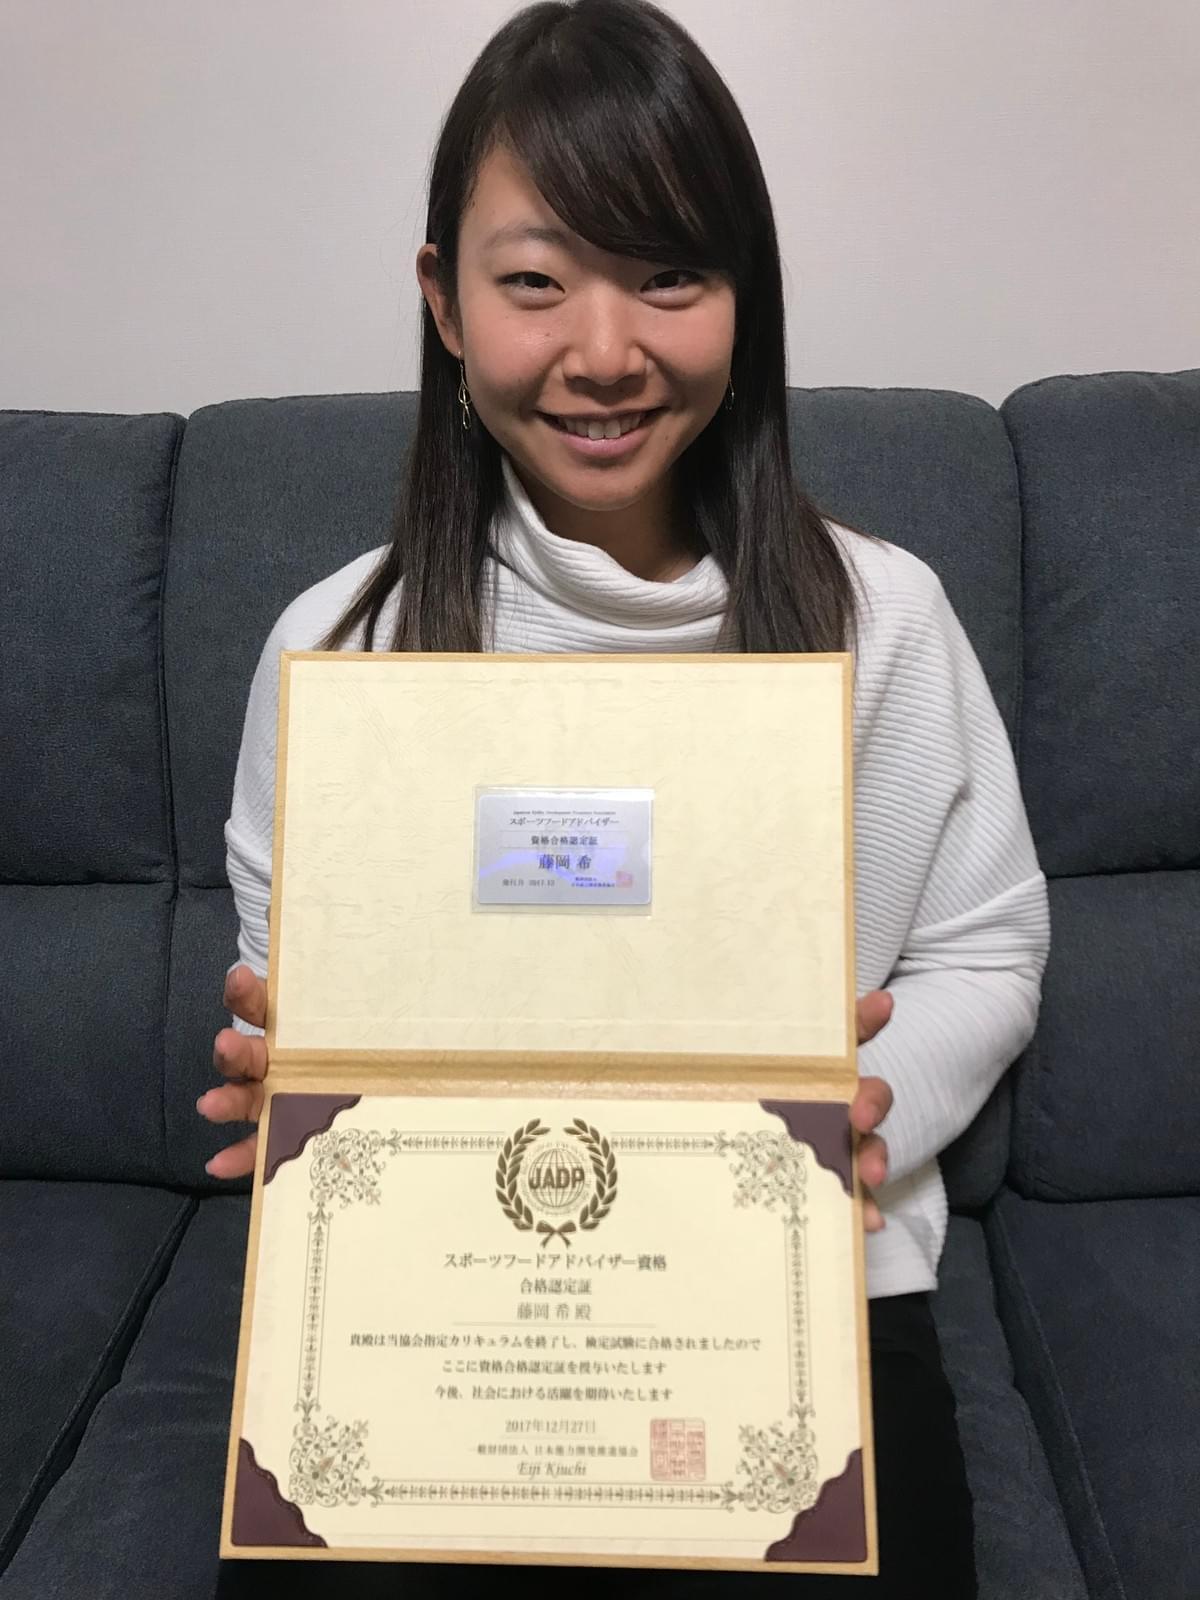 開発 協会 推進 能力 日本